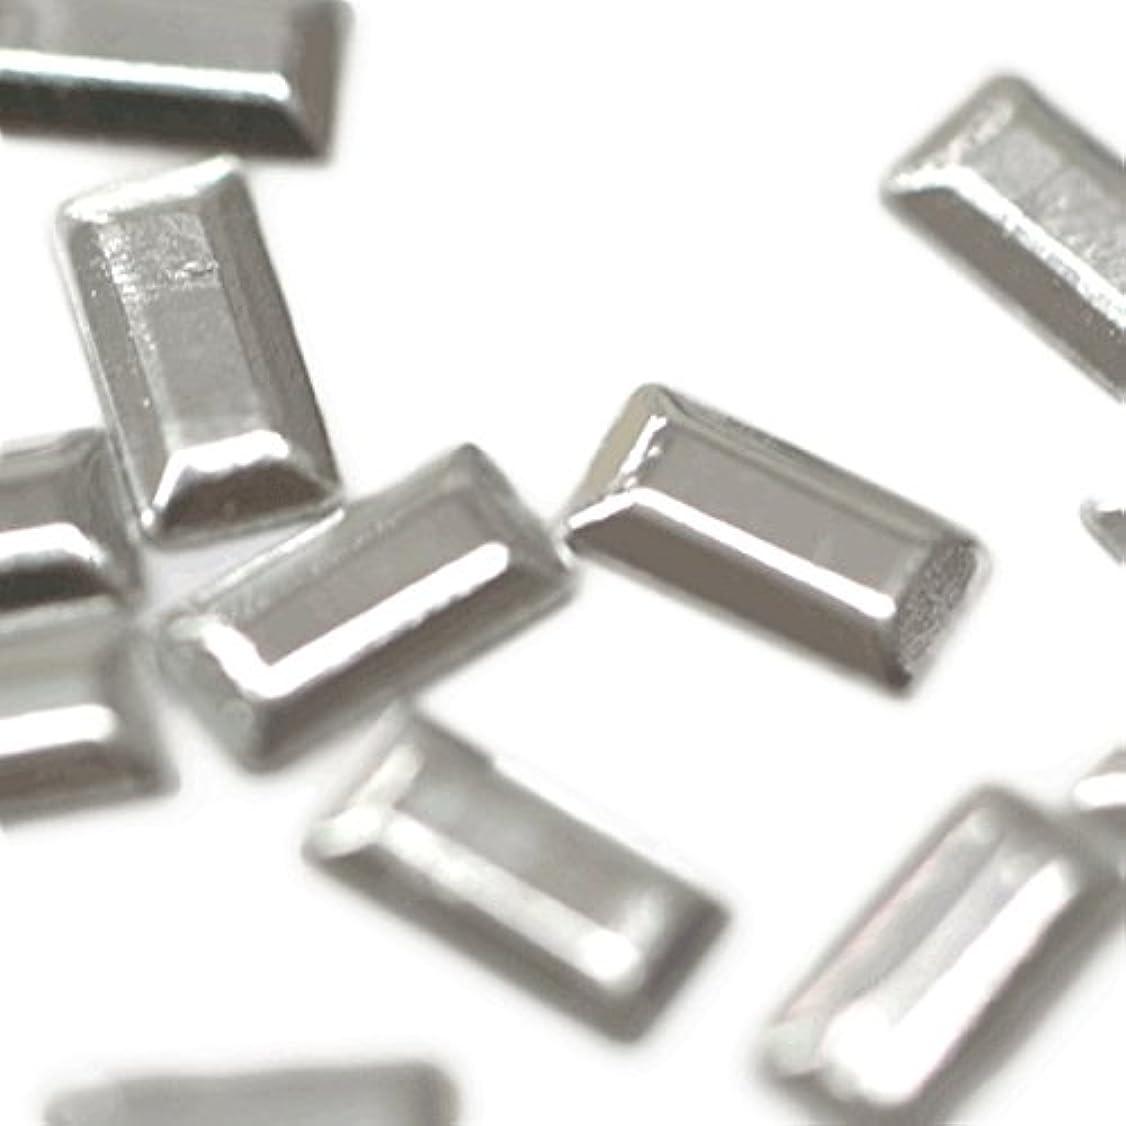 スクワイア放射能ペースメタルスタッズ 2mm×5mm レクタングル シルバー 約20粒